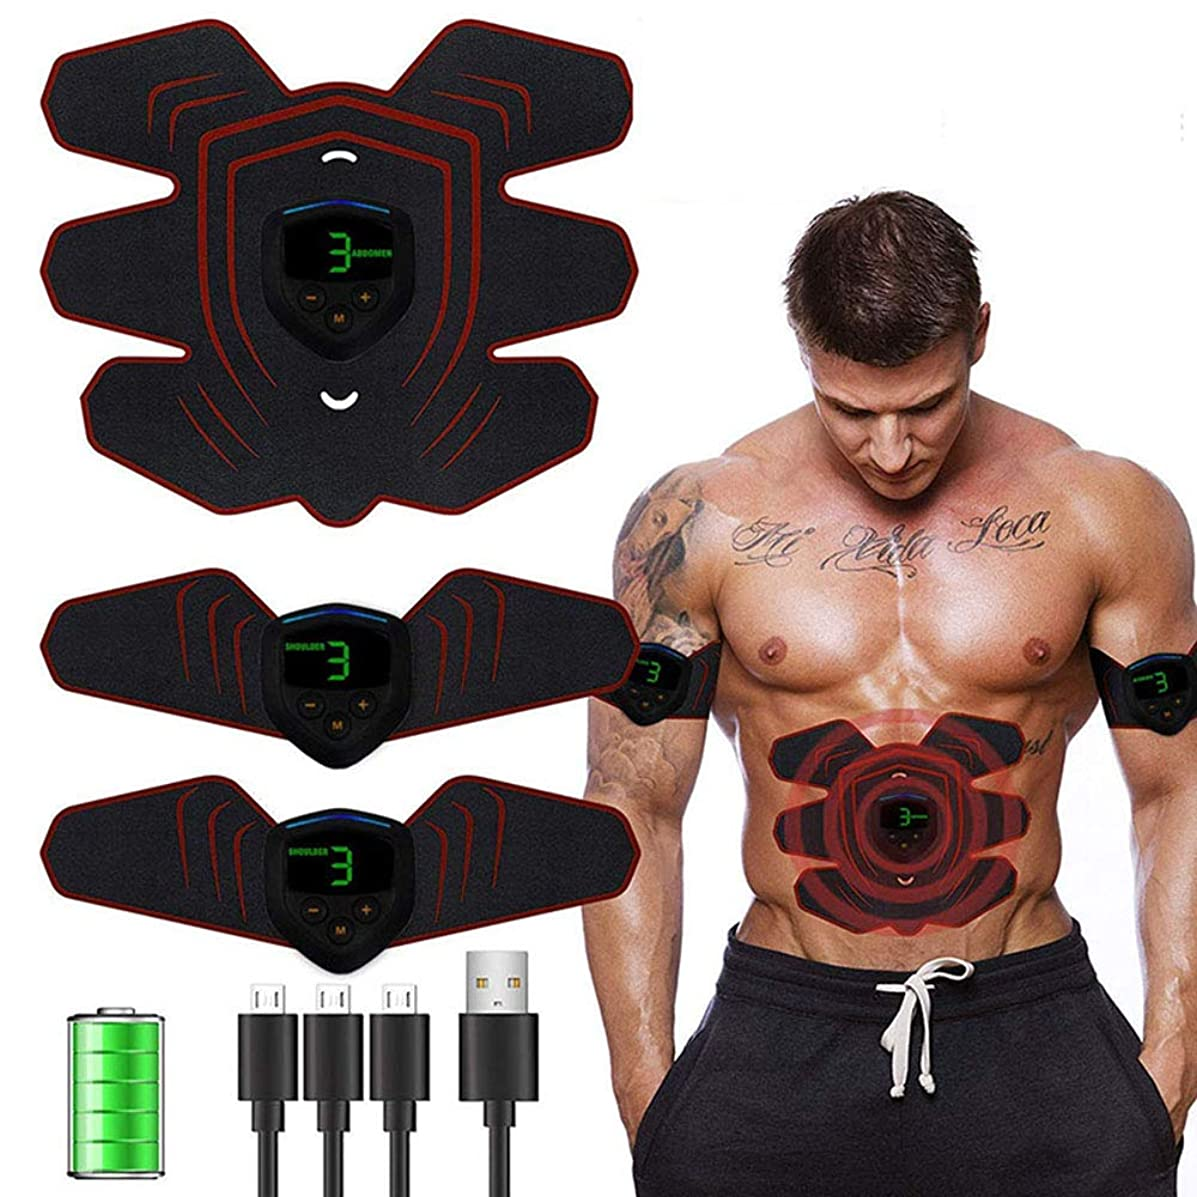 借りている導入するシャークUSB充電式 腹筋ベルト EMS 腹筋トレニング 腹筋トレ 腰部 お腹ダイエット ウエストダイエット 腹筋シックスパッド 腹筋マシーン